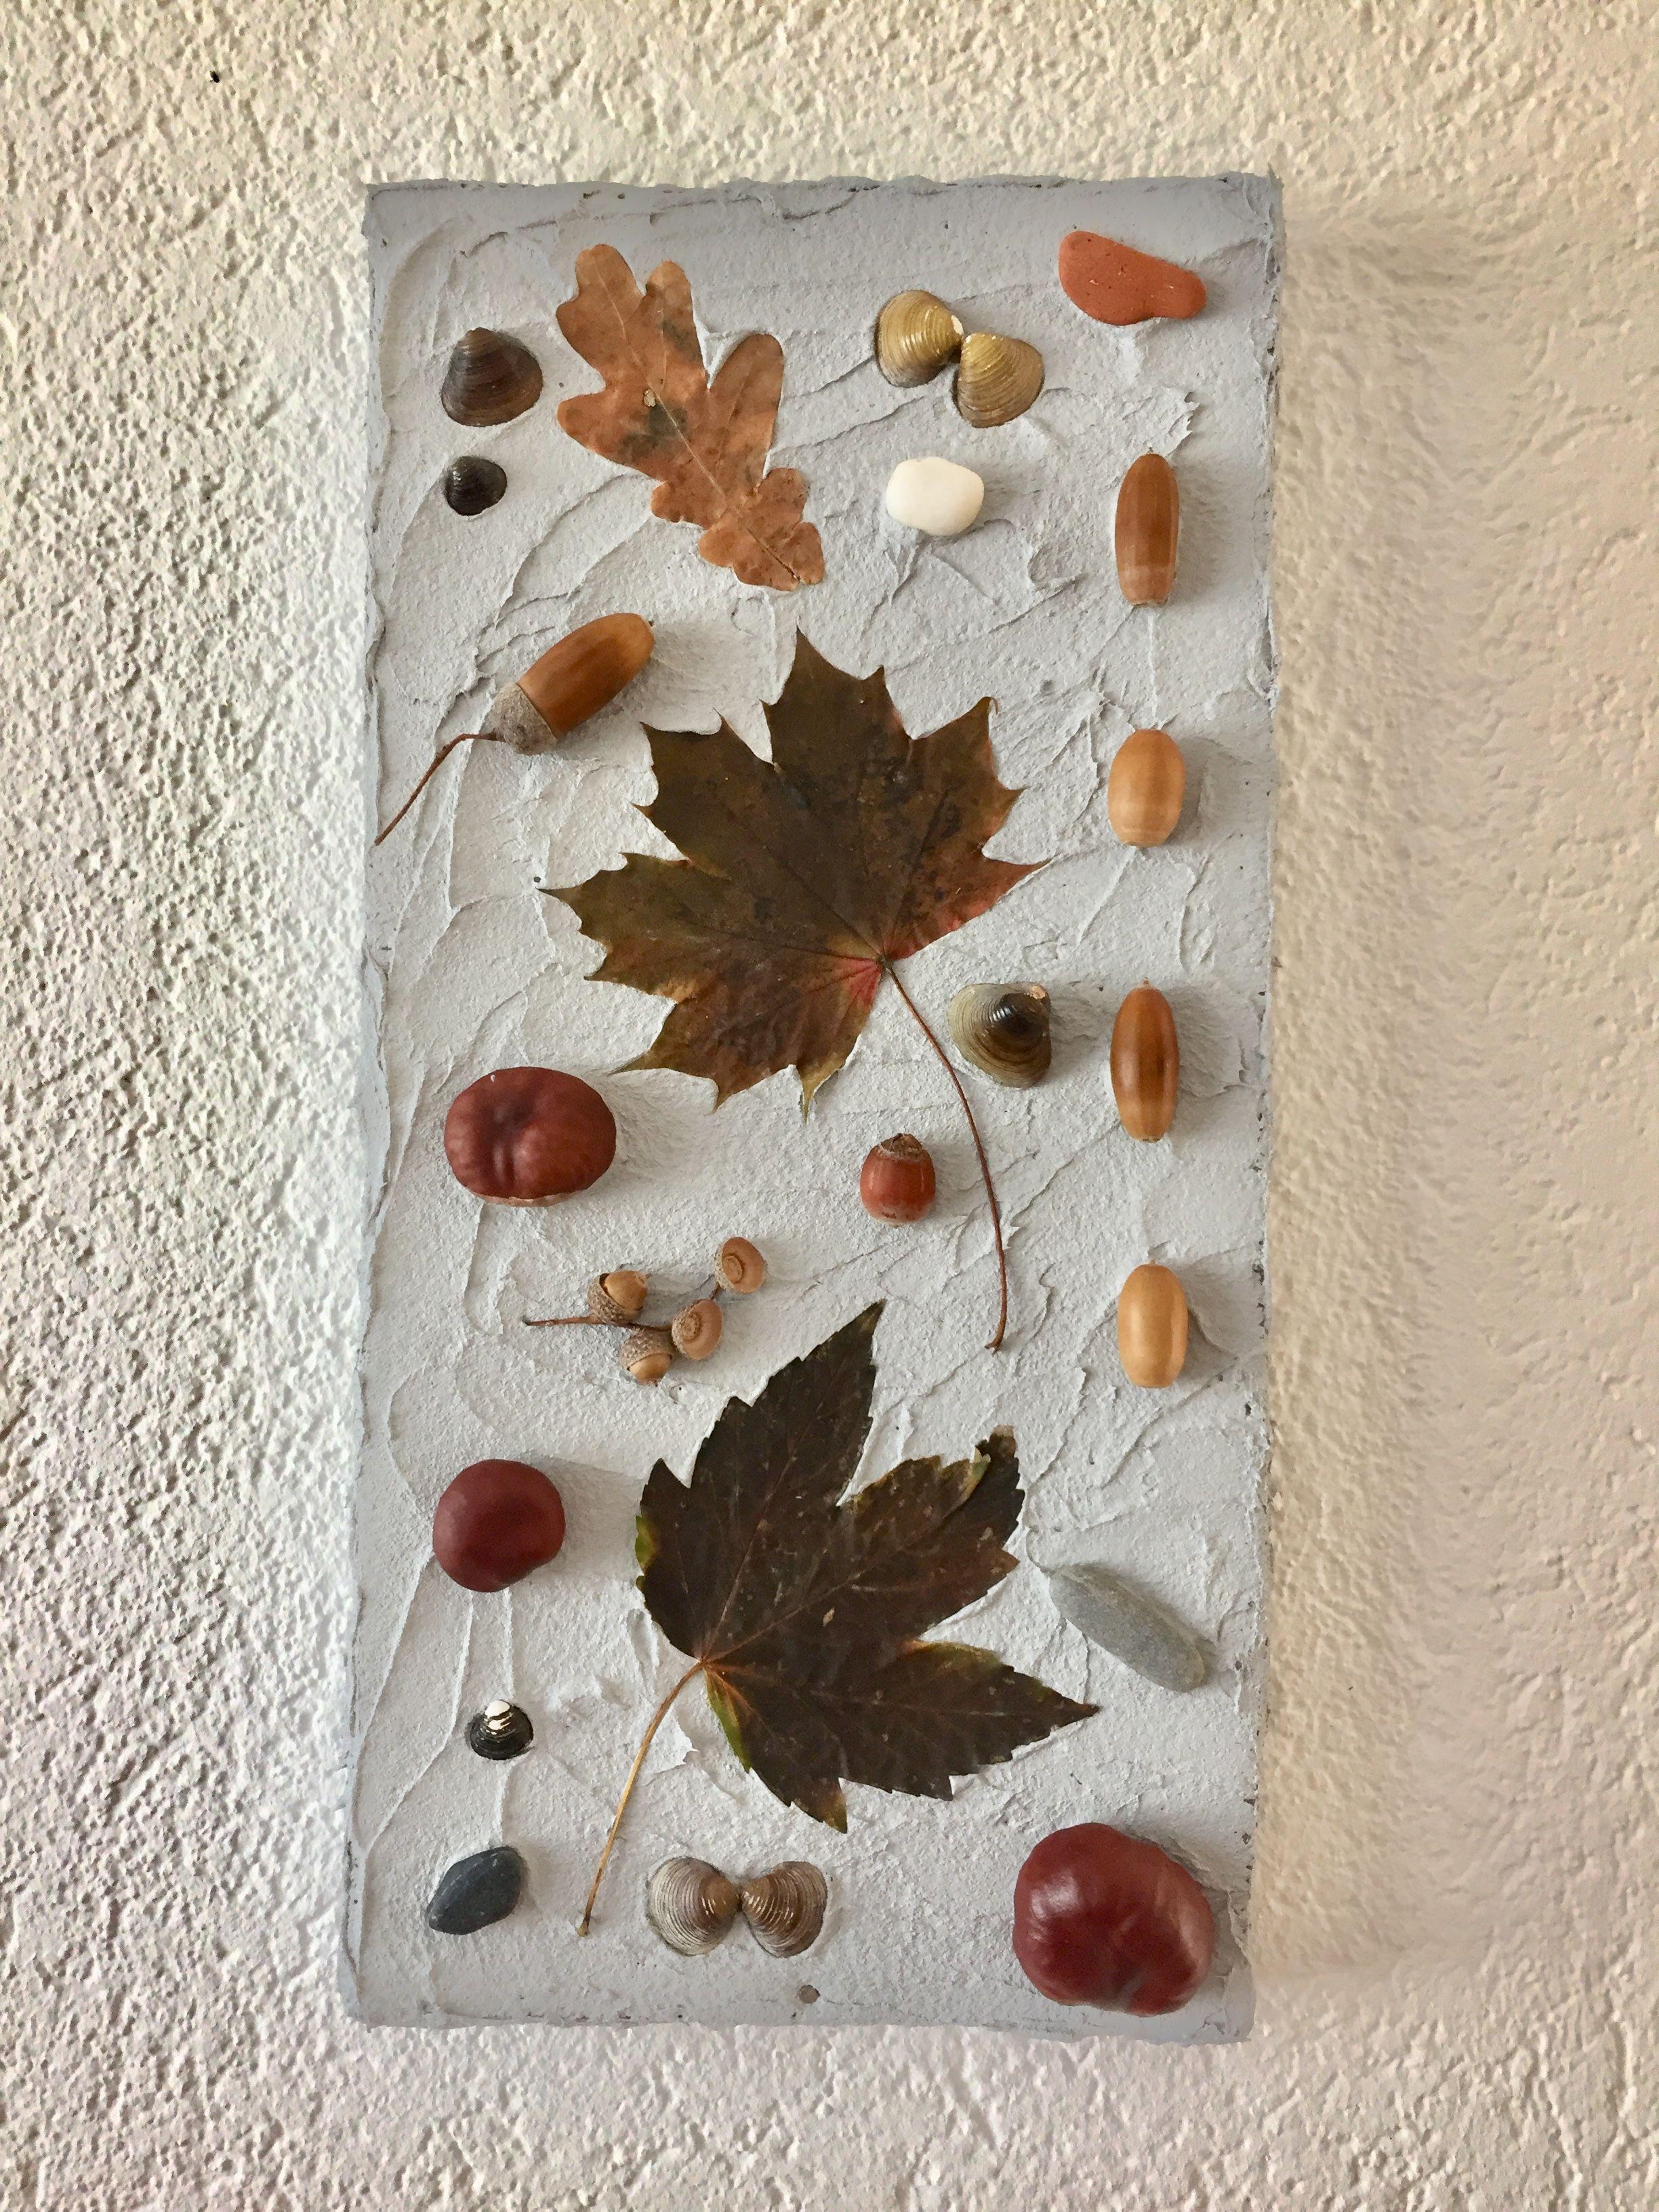 Herbstsammelei Auf Leinwand Mit Betonpaste Kastanien Eicheln